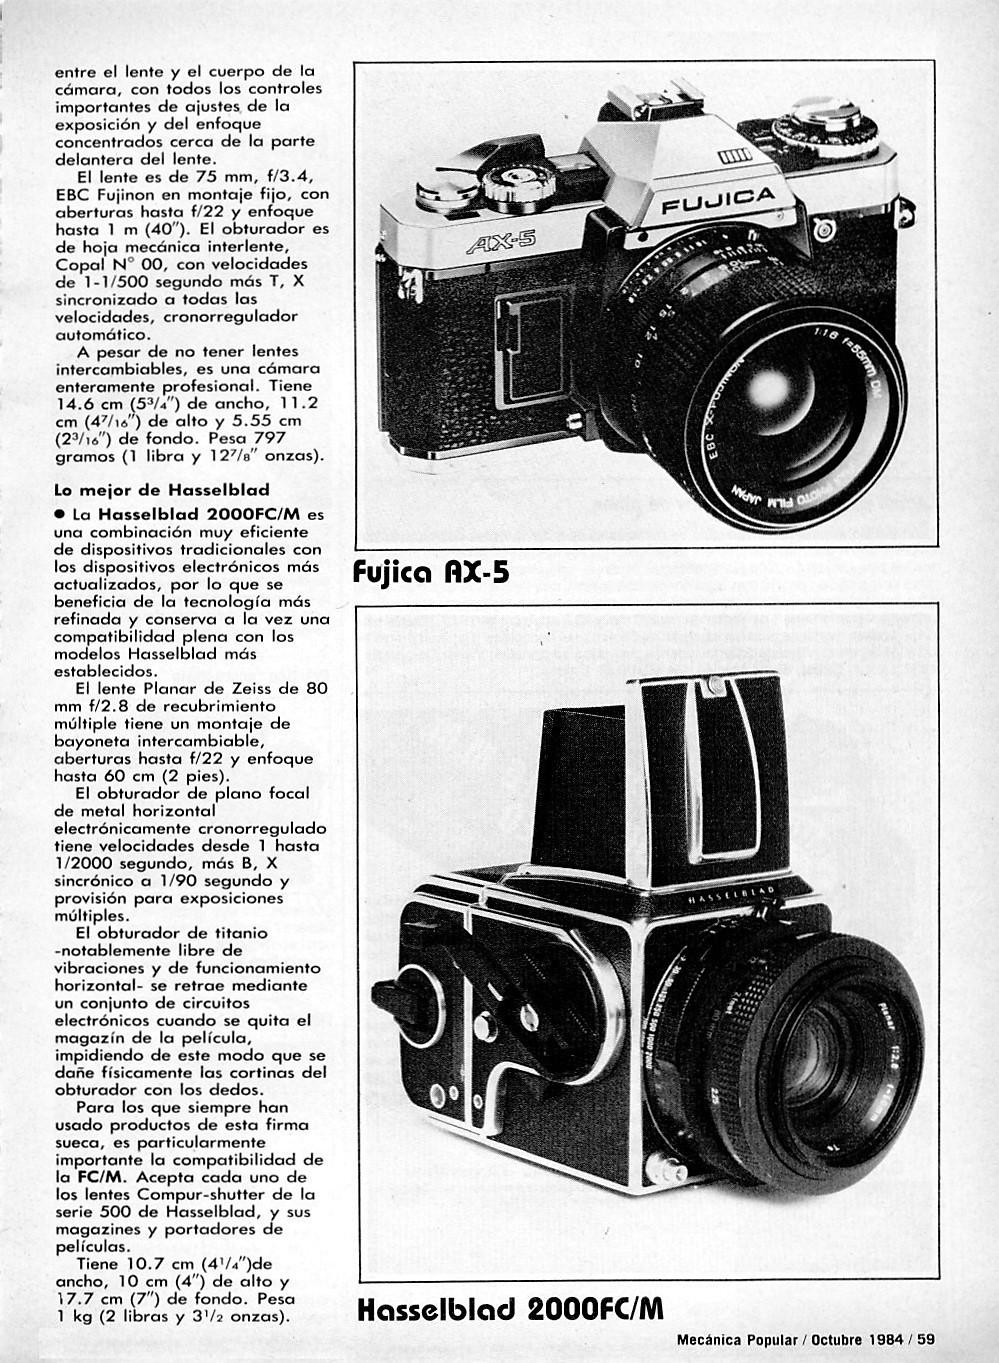 mejores-camaras-fotograficas-octubre-198